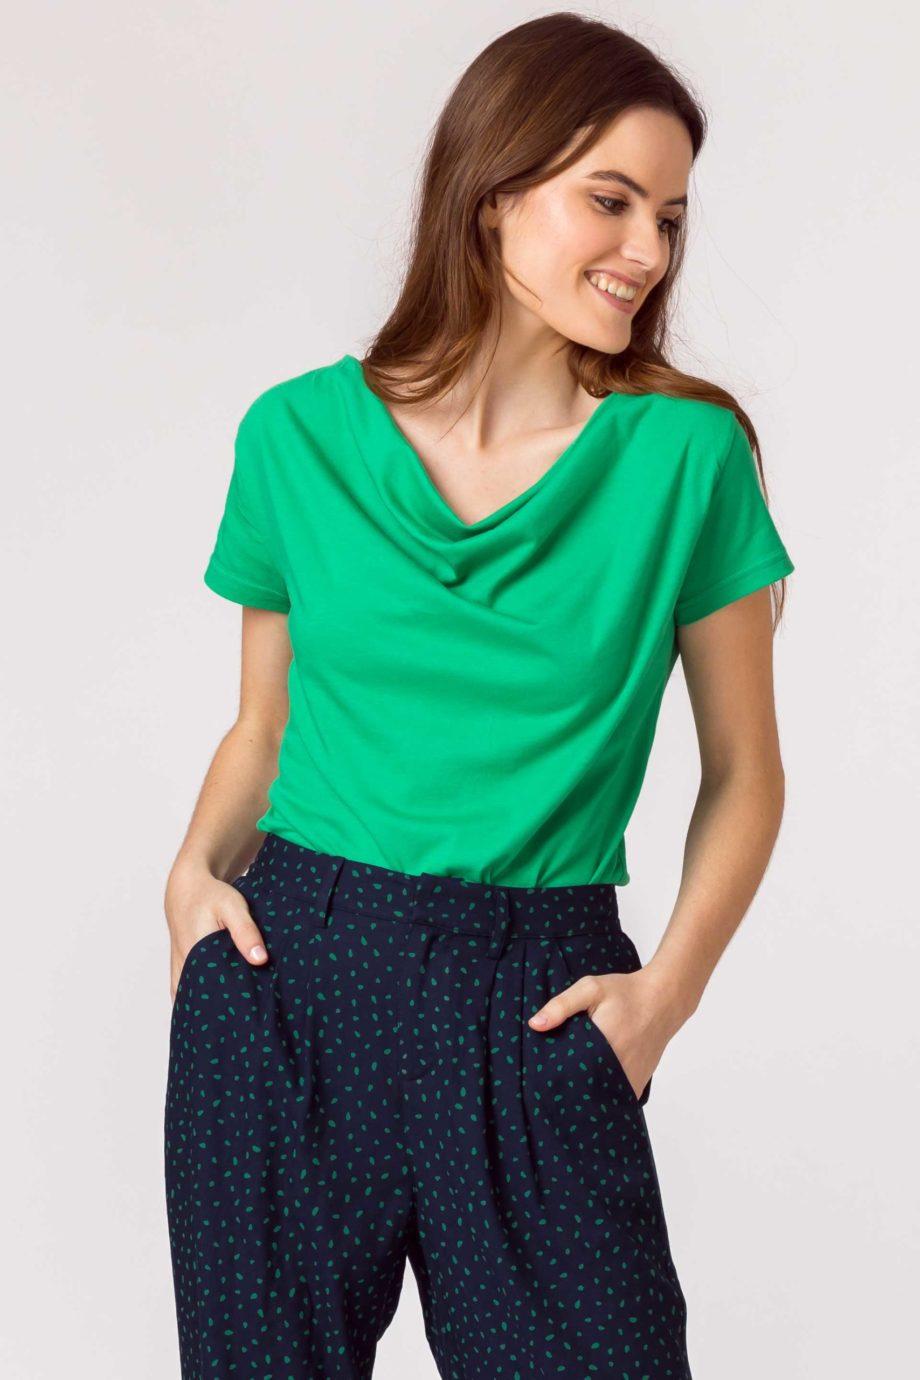 Frau trägt Shirt von SKFK (BAT) aus Biobaumwolle mit kurzen Ärmeln und Wasserfall-Ausschnitt. GOTS und Fairtrade zertifiziert. / Grün / Vorderansicht / pussyGALORE / Leipzig